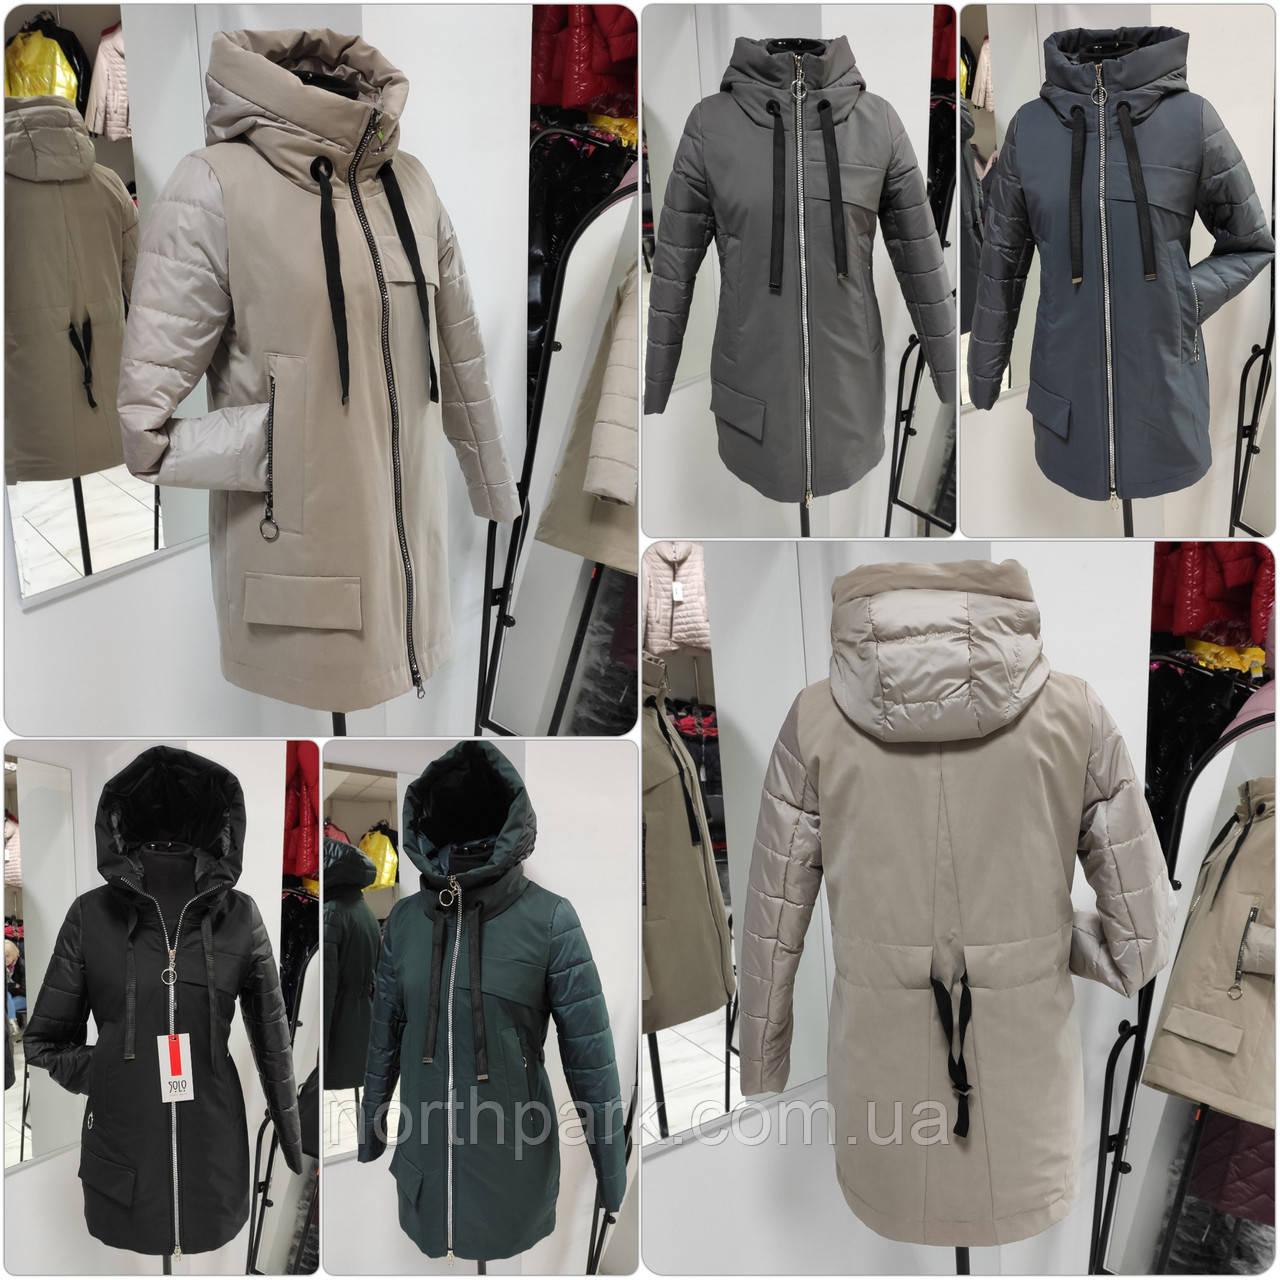 Стильная удлинённая демисезонная куртка-парка Solo SV-1